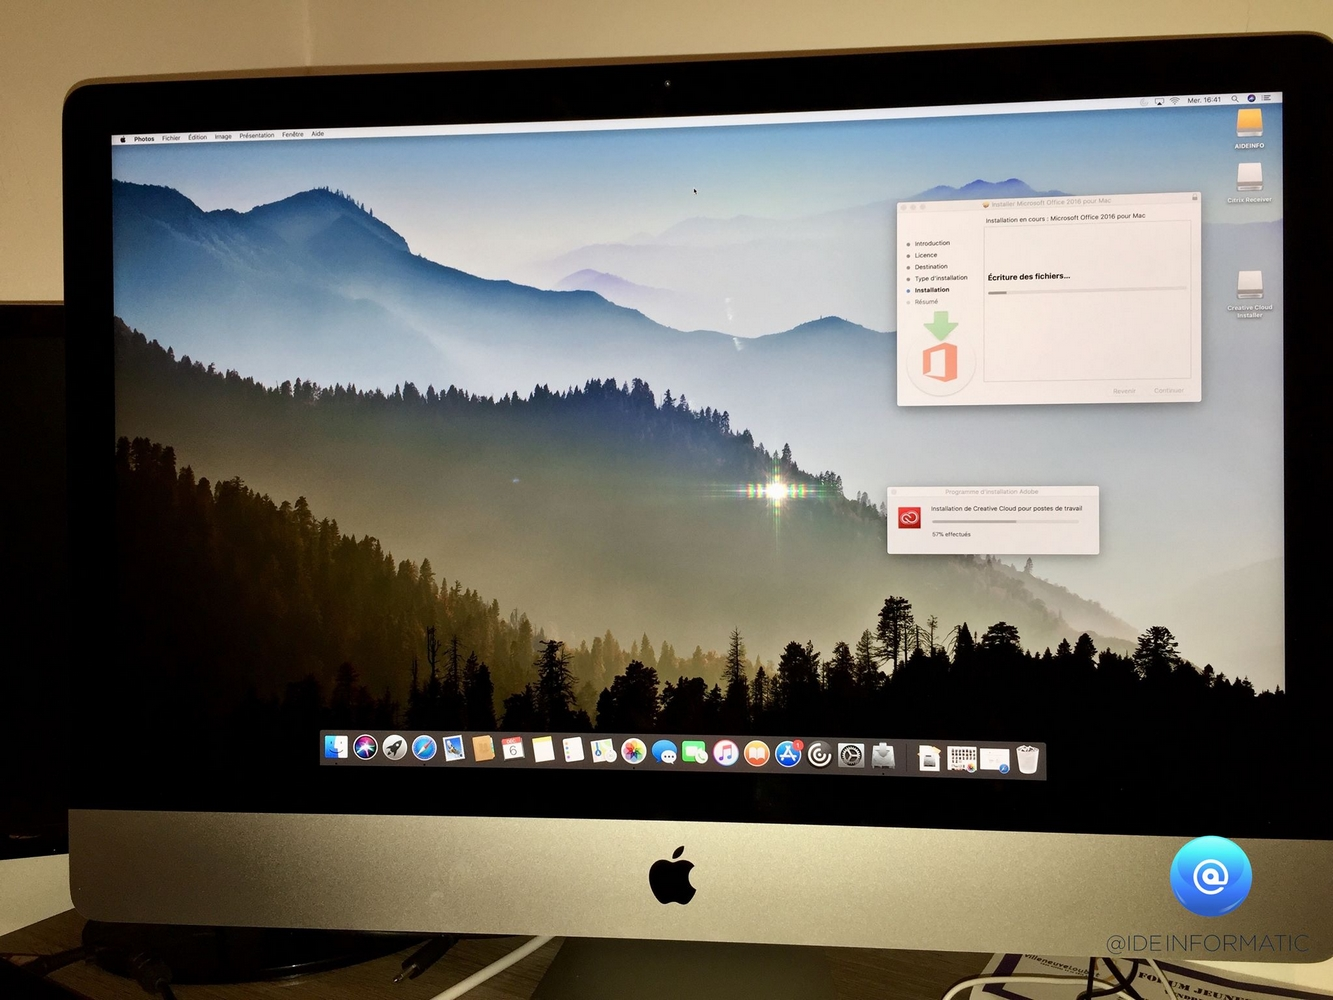 Installation à domicile de vos équipements et périphériques informatiques